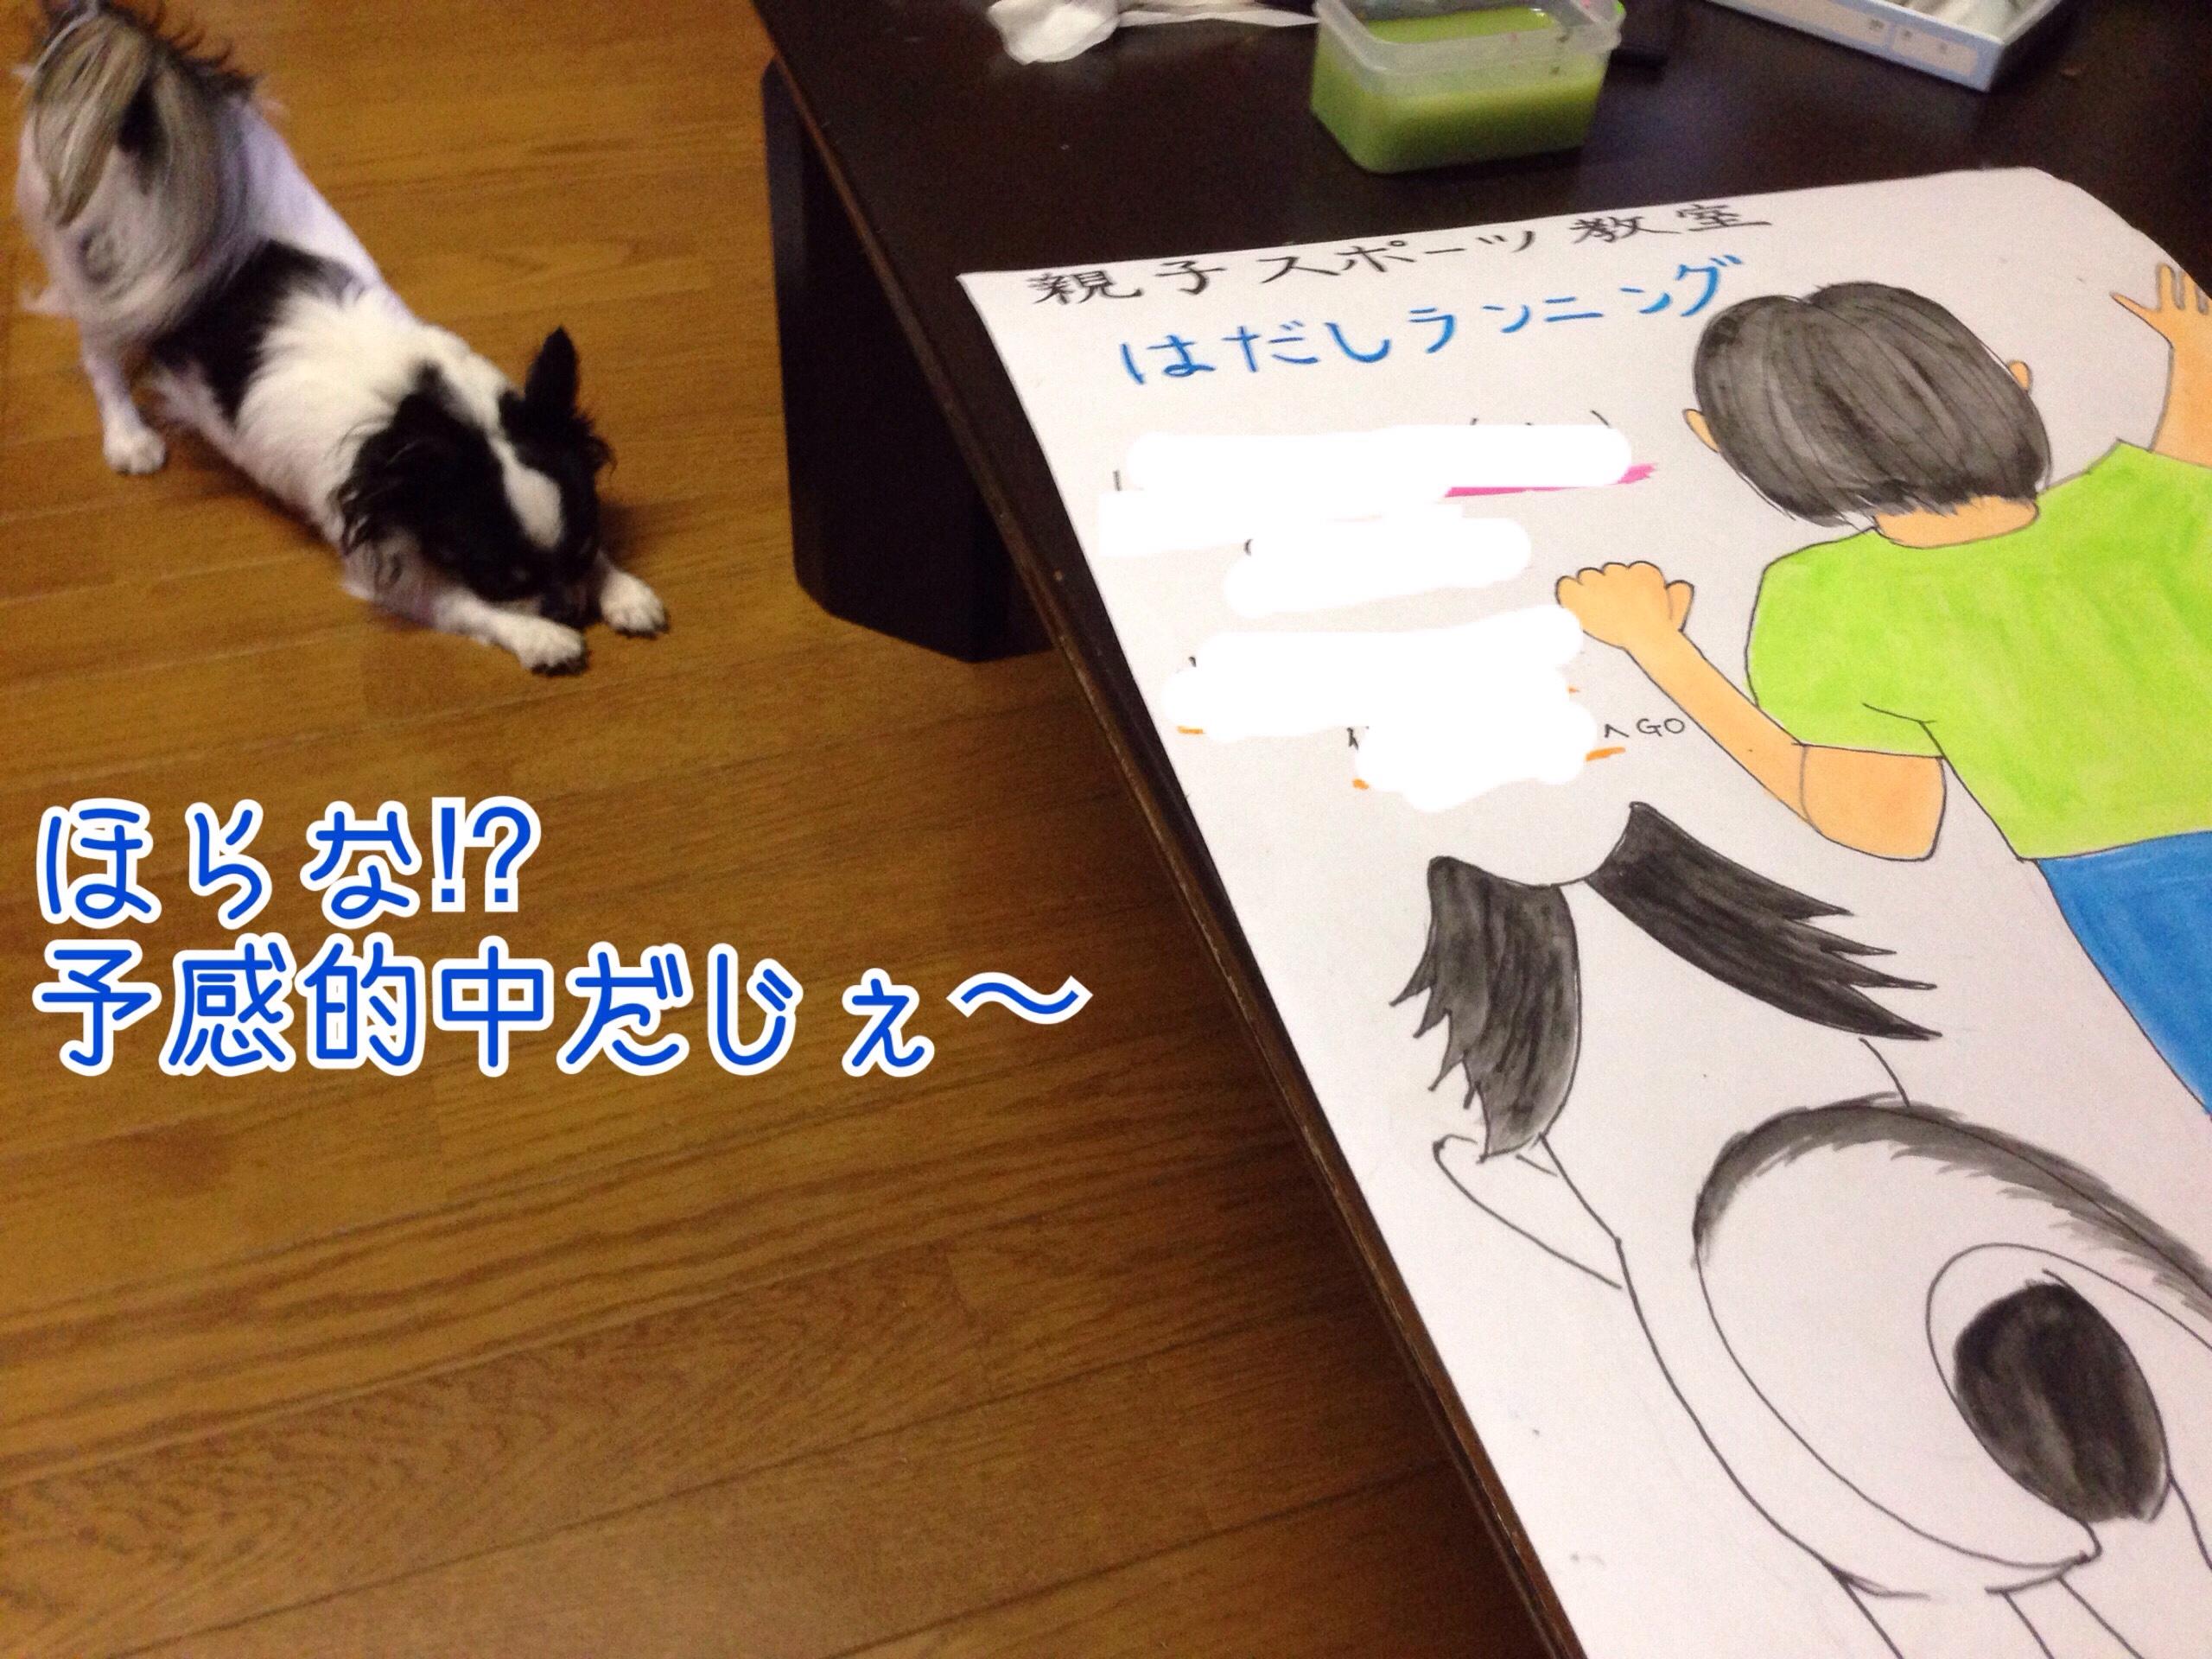 fc2blog_201509251150370af.jpg